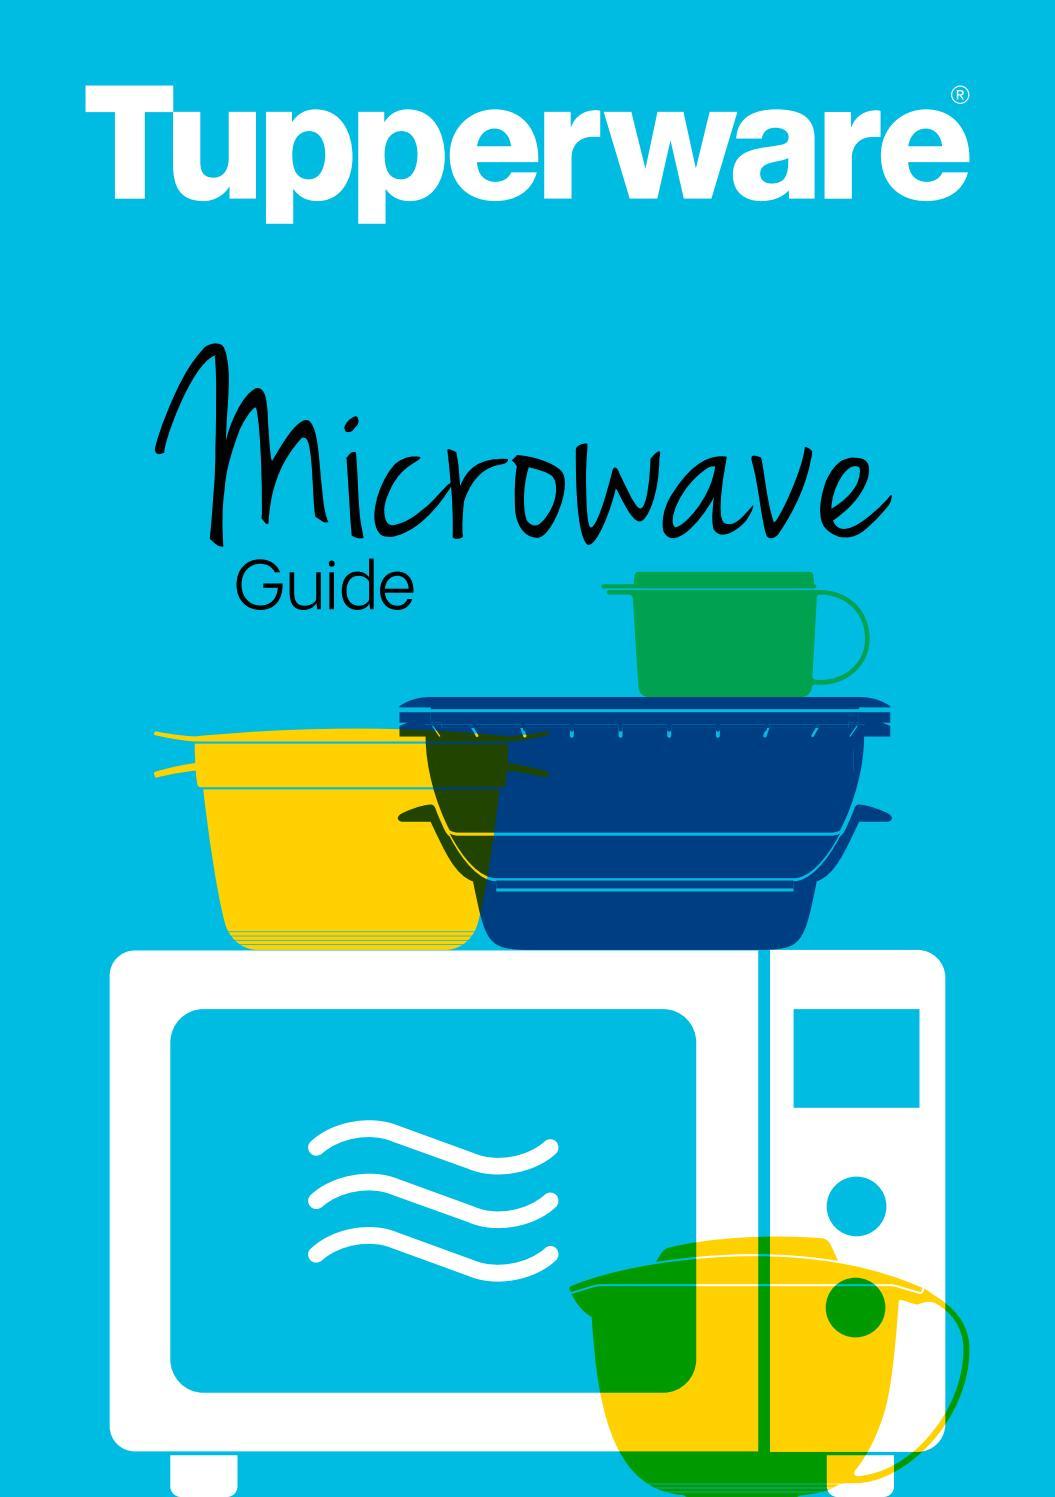 tupperware microwave guide by geri